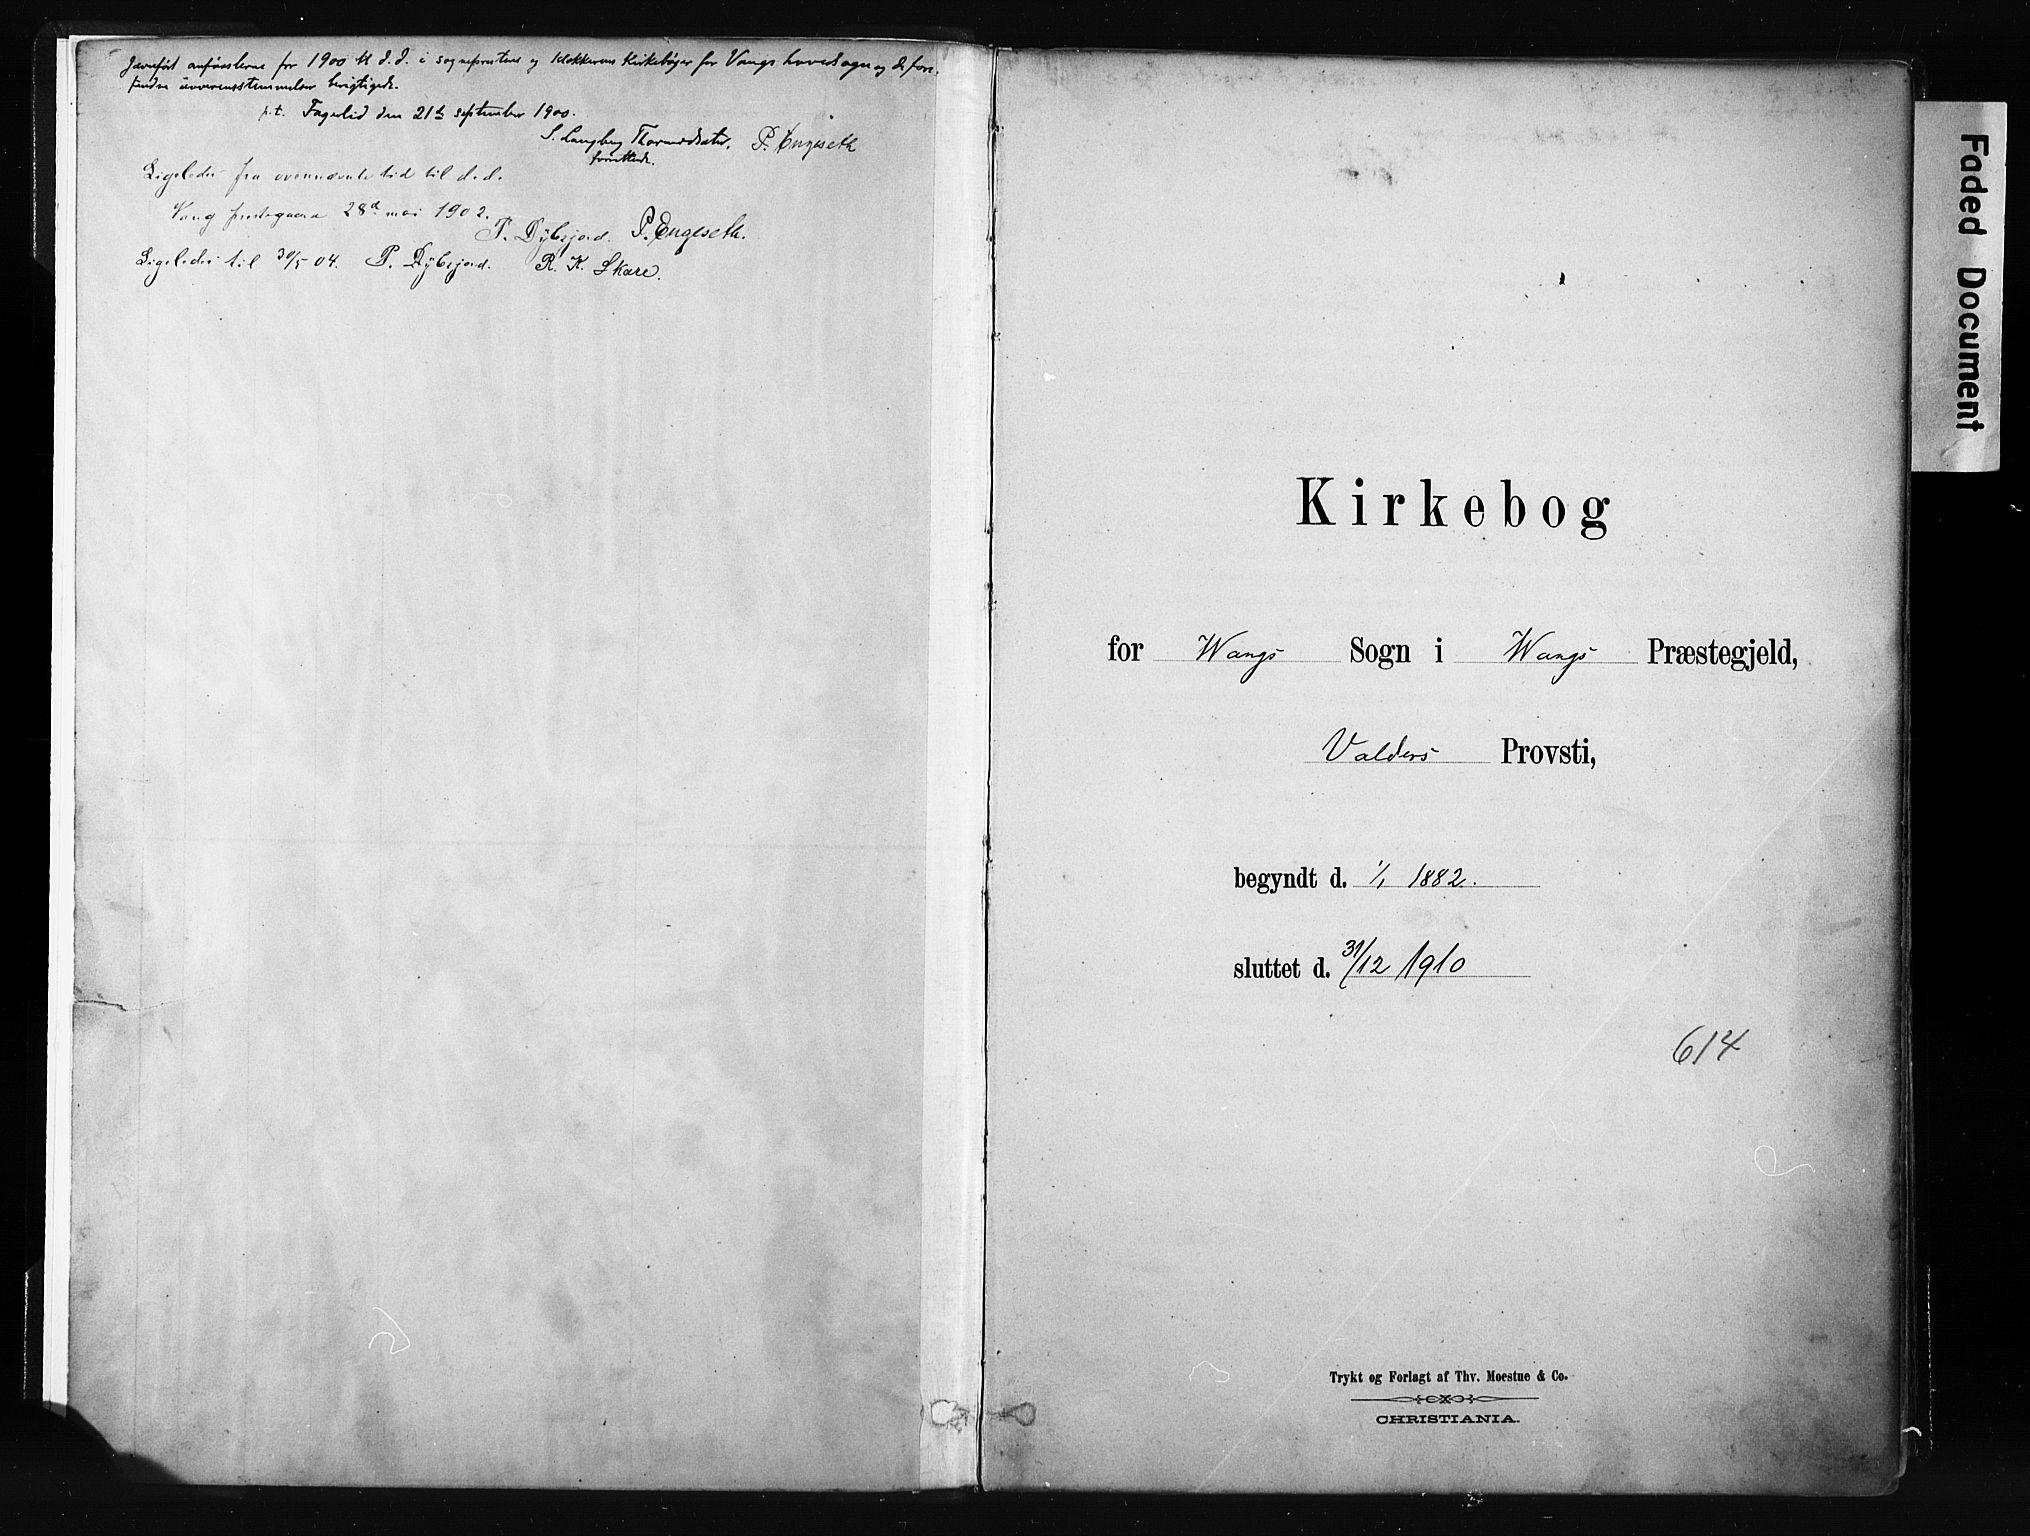 SAH, Vang prestekontor, Valdres, Ministerialbok nr. 8, 1882-1910